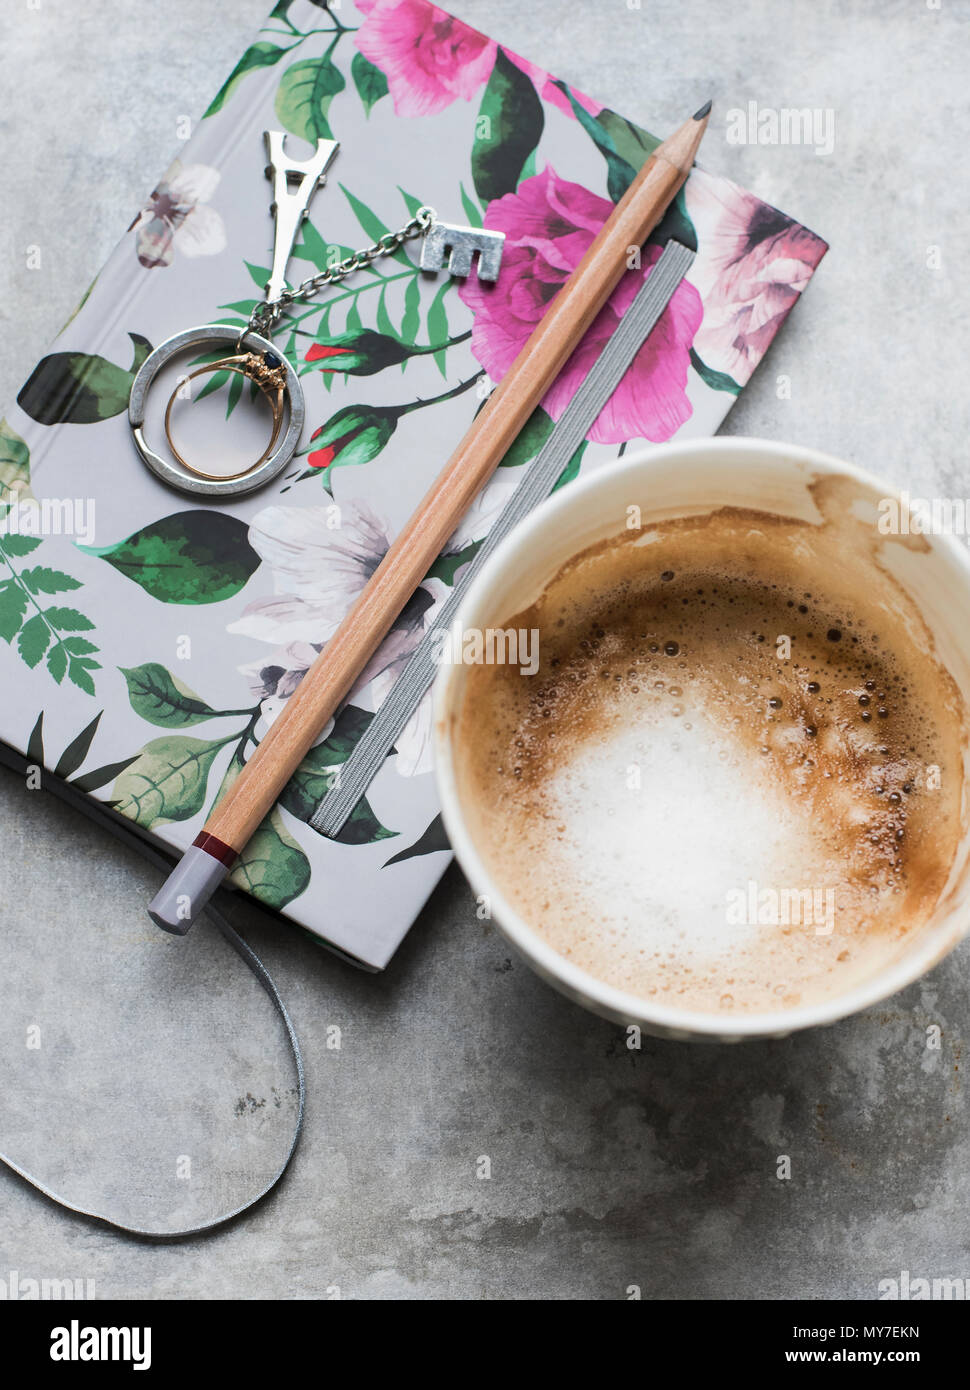 Tazza di caffè con i notebook e matita, vista aerea Foto Stock